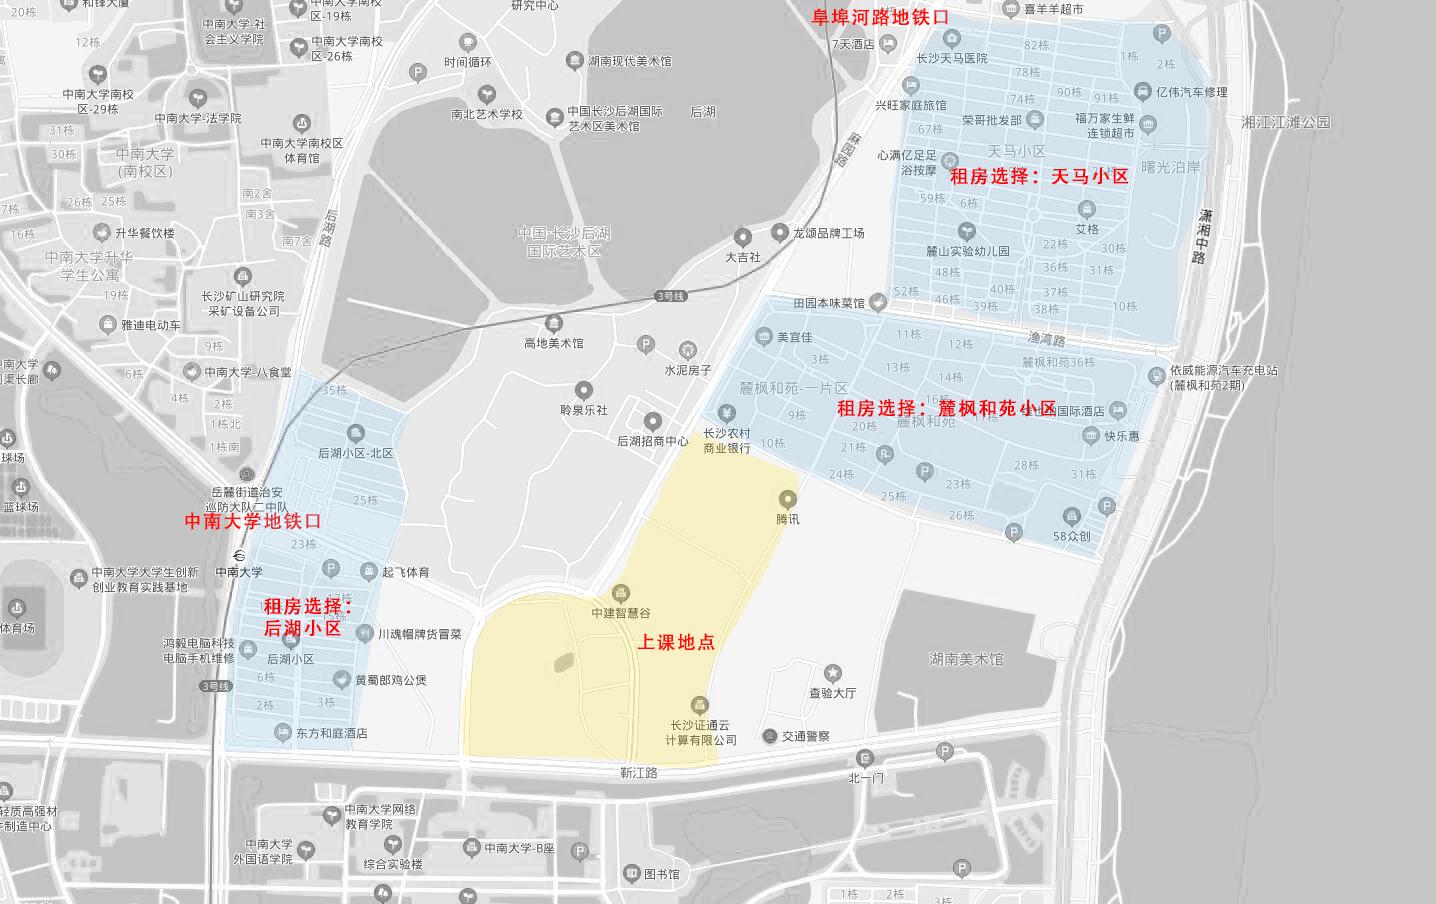 上课地图-处理.jpg